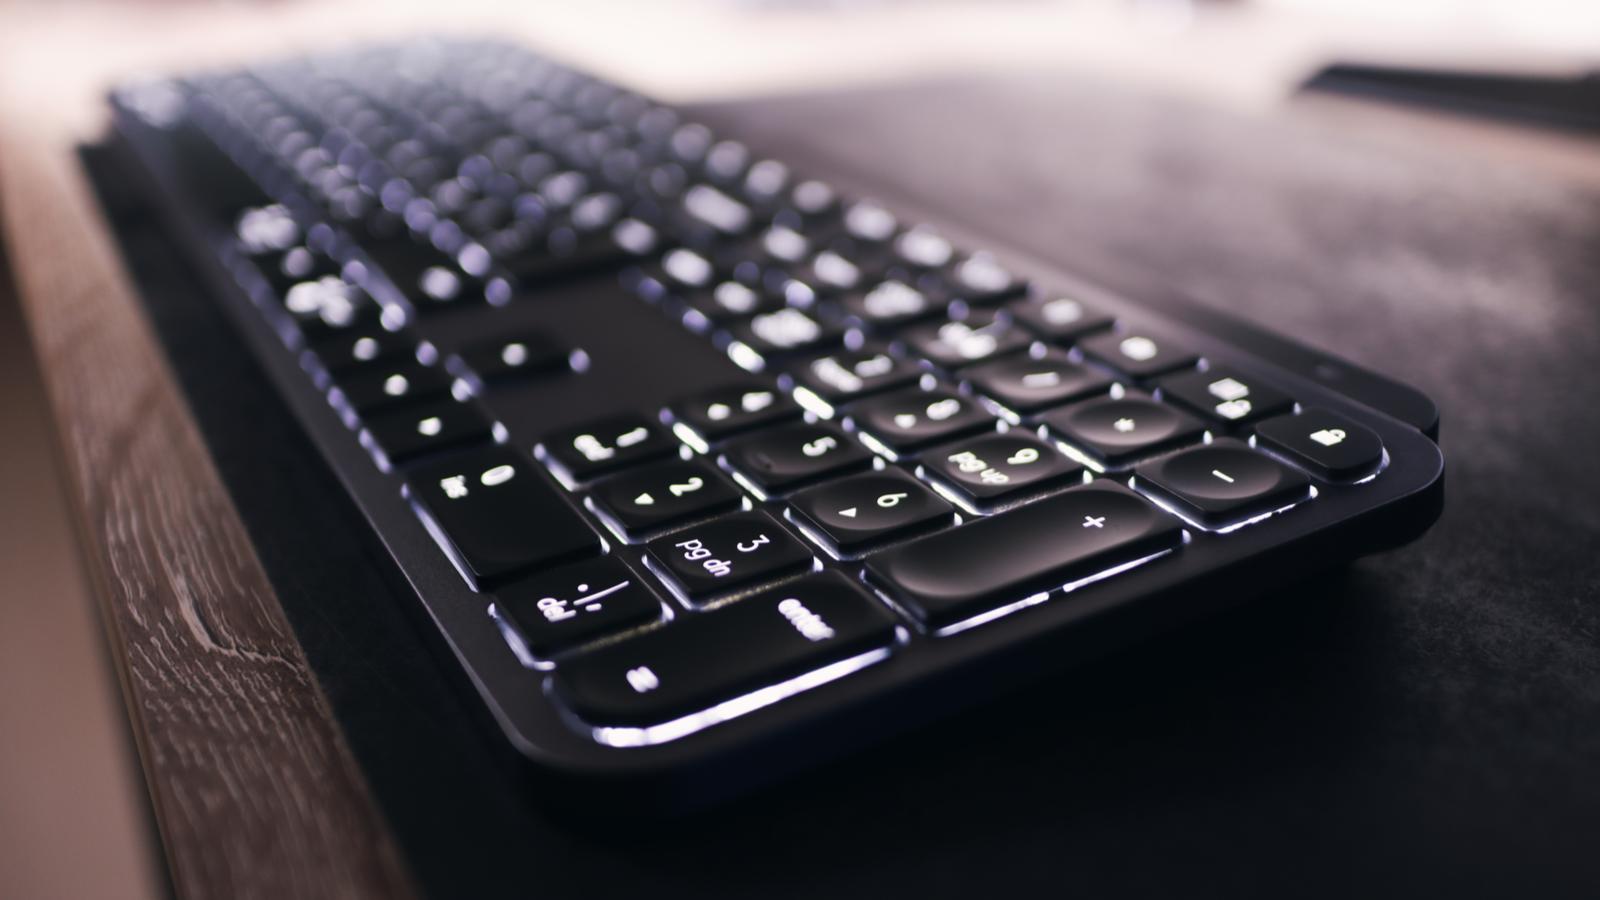 Тонкая беспроводная клавиатура с подсветкой